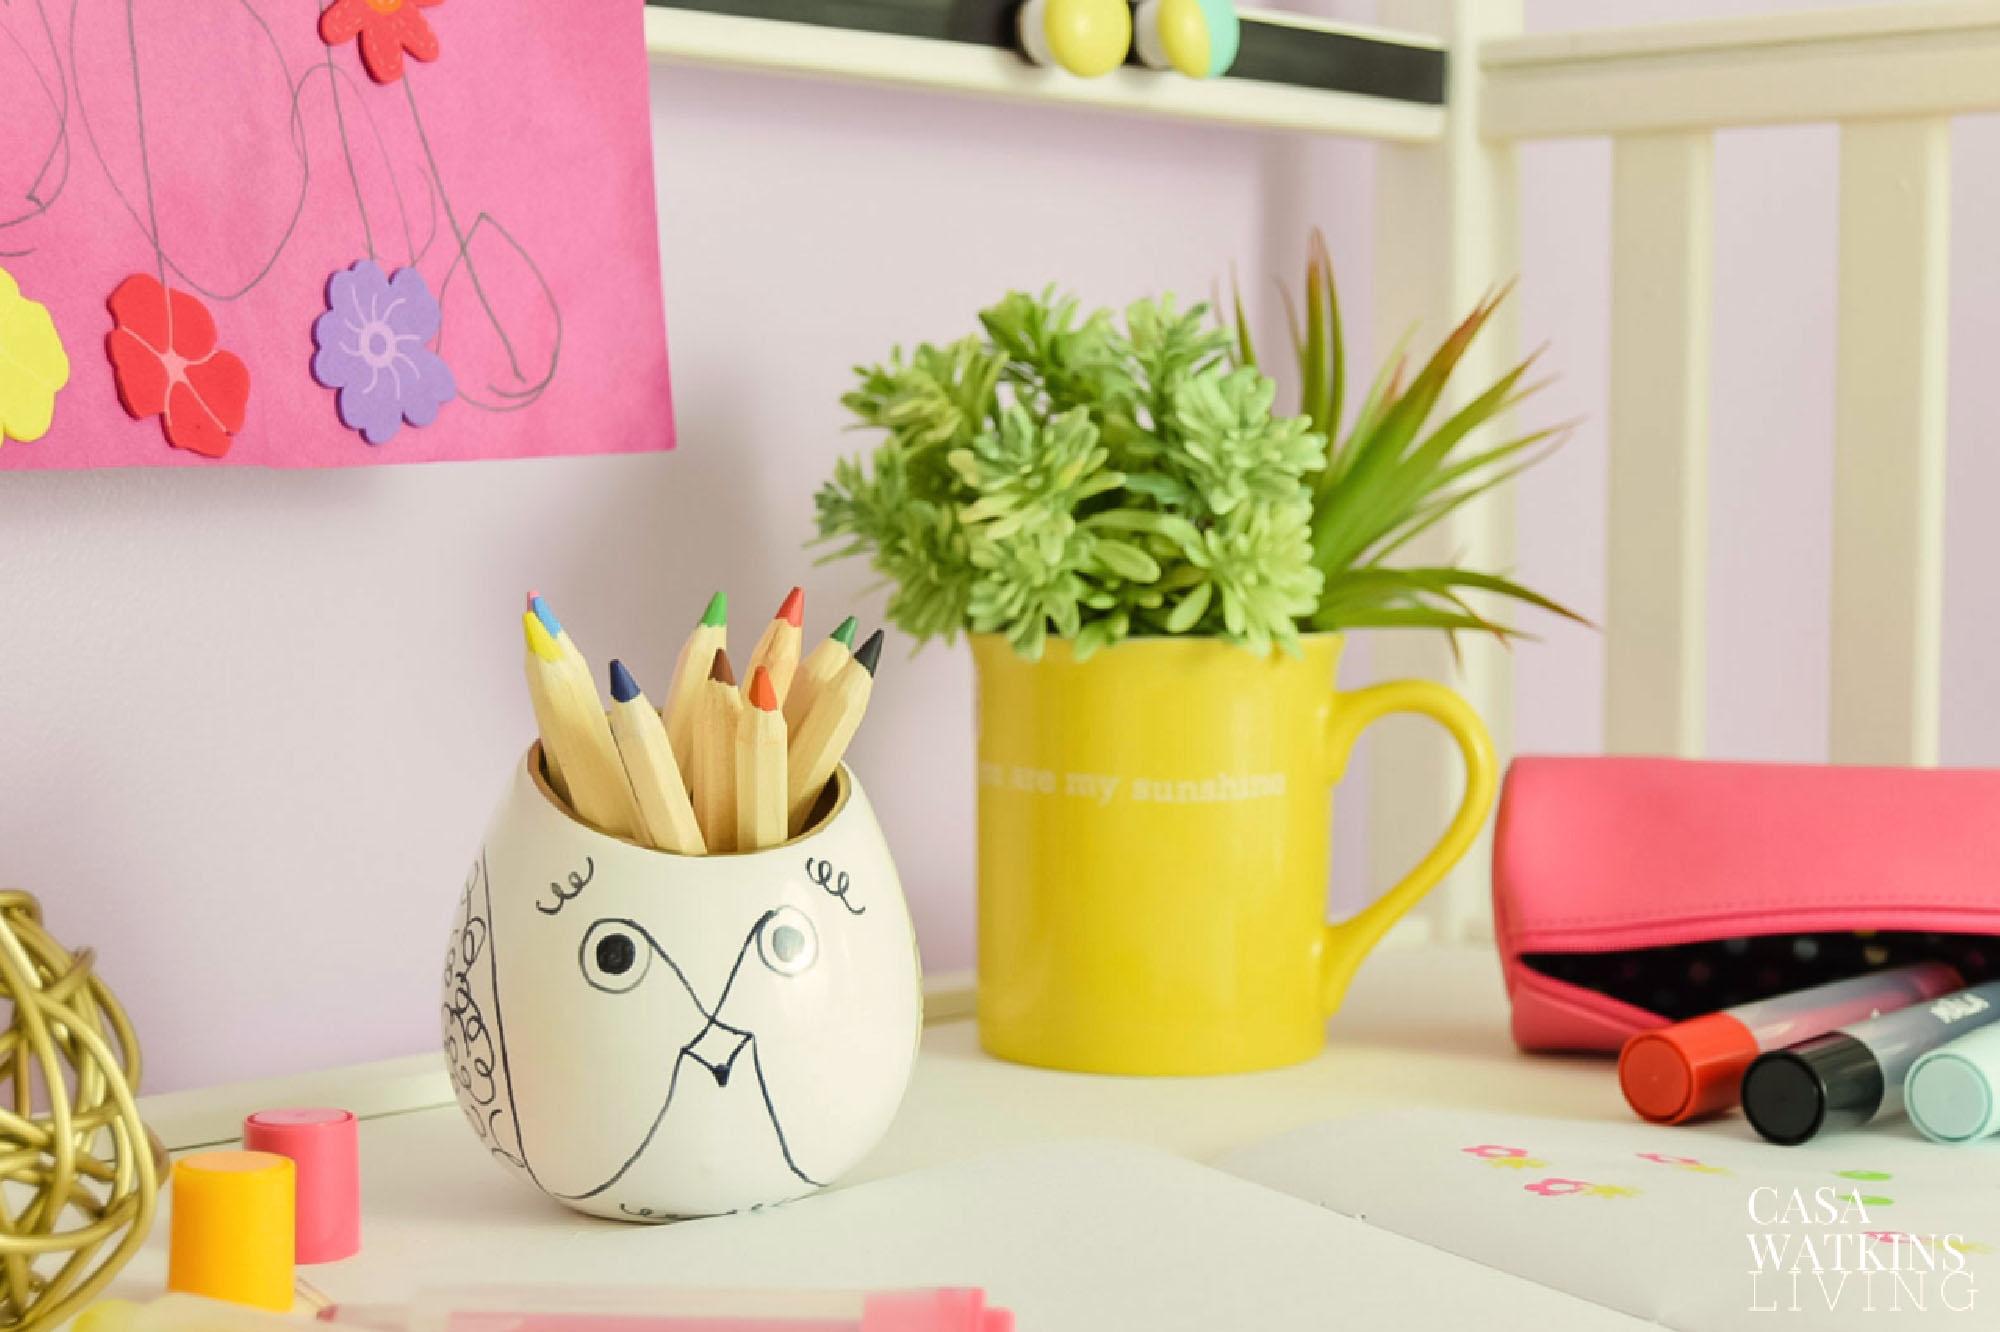 DIY Kate Spade pencil holder on kid's desk